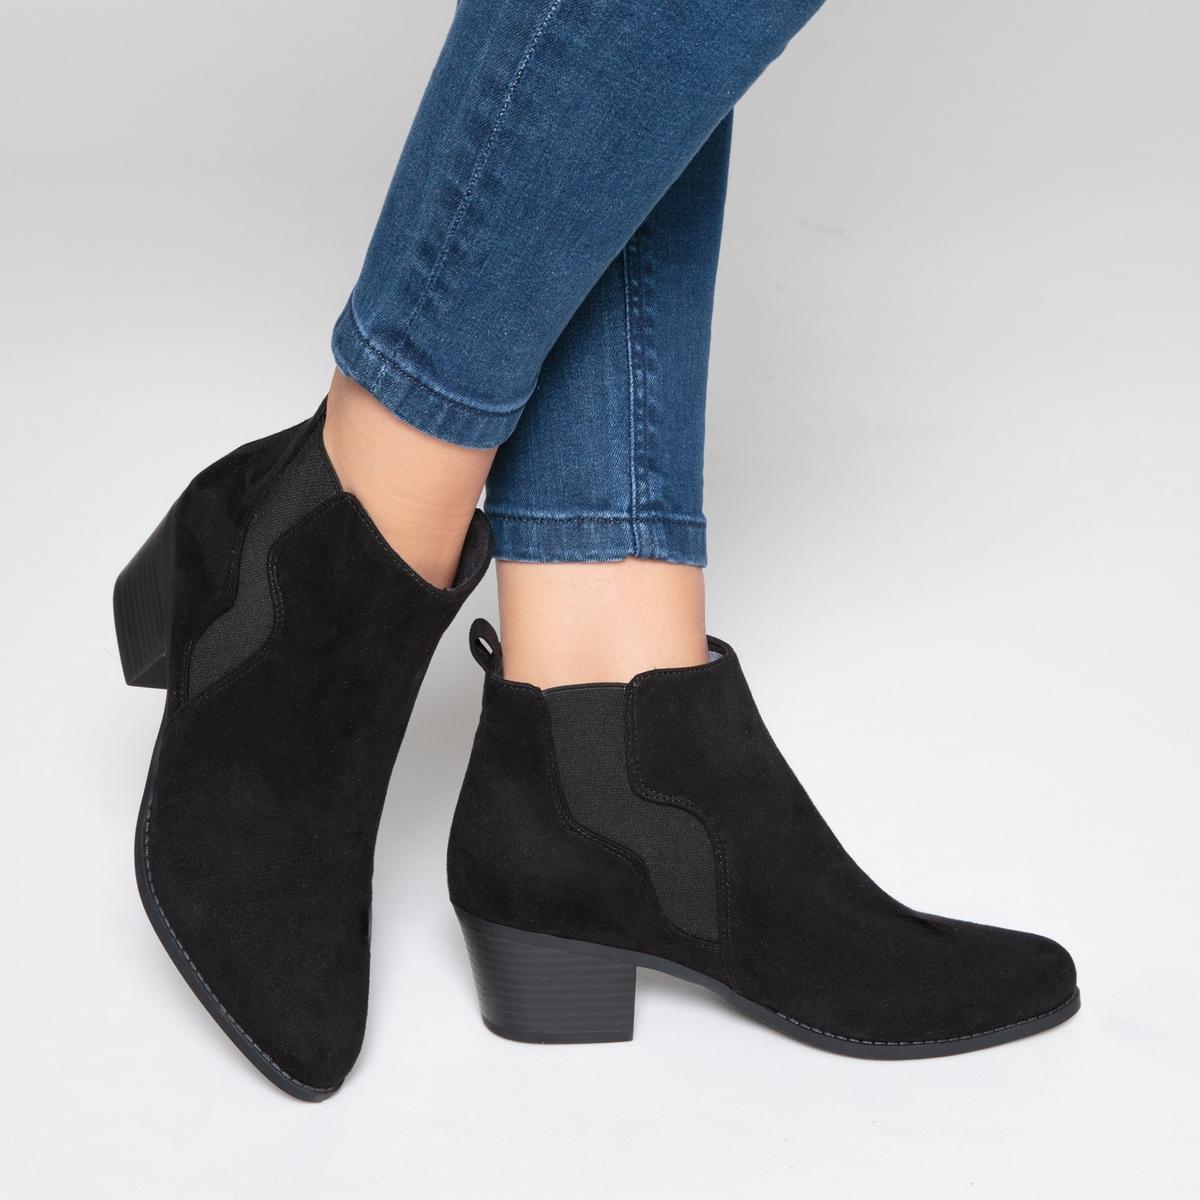 Ботинки-челси с оригинальной эластичной вставкой купить футбольную форму челси торрес